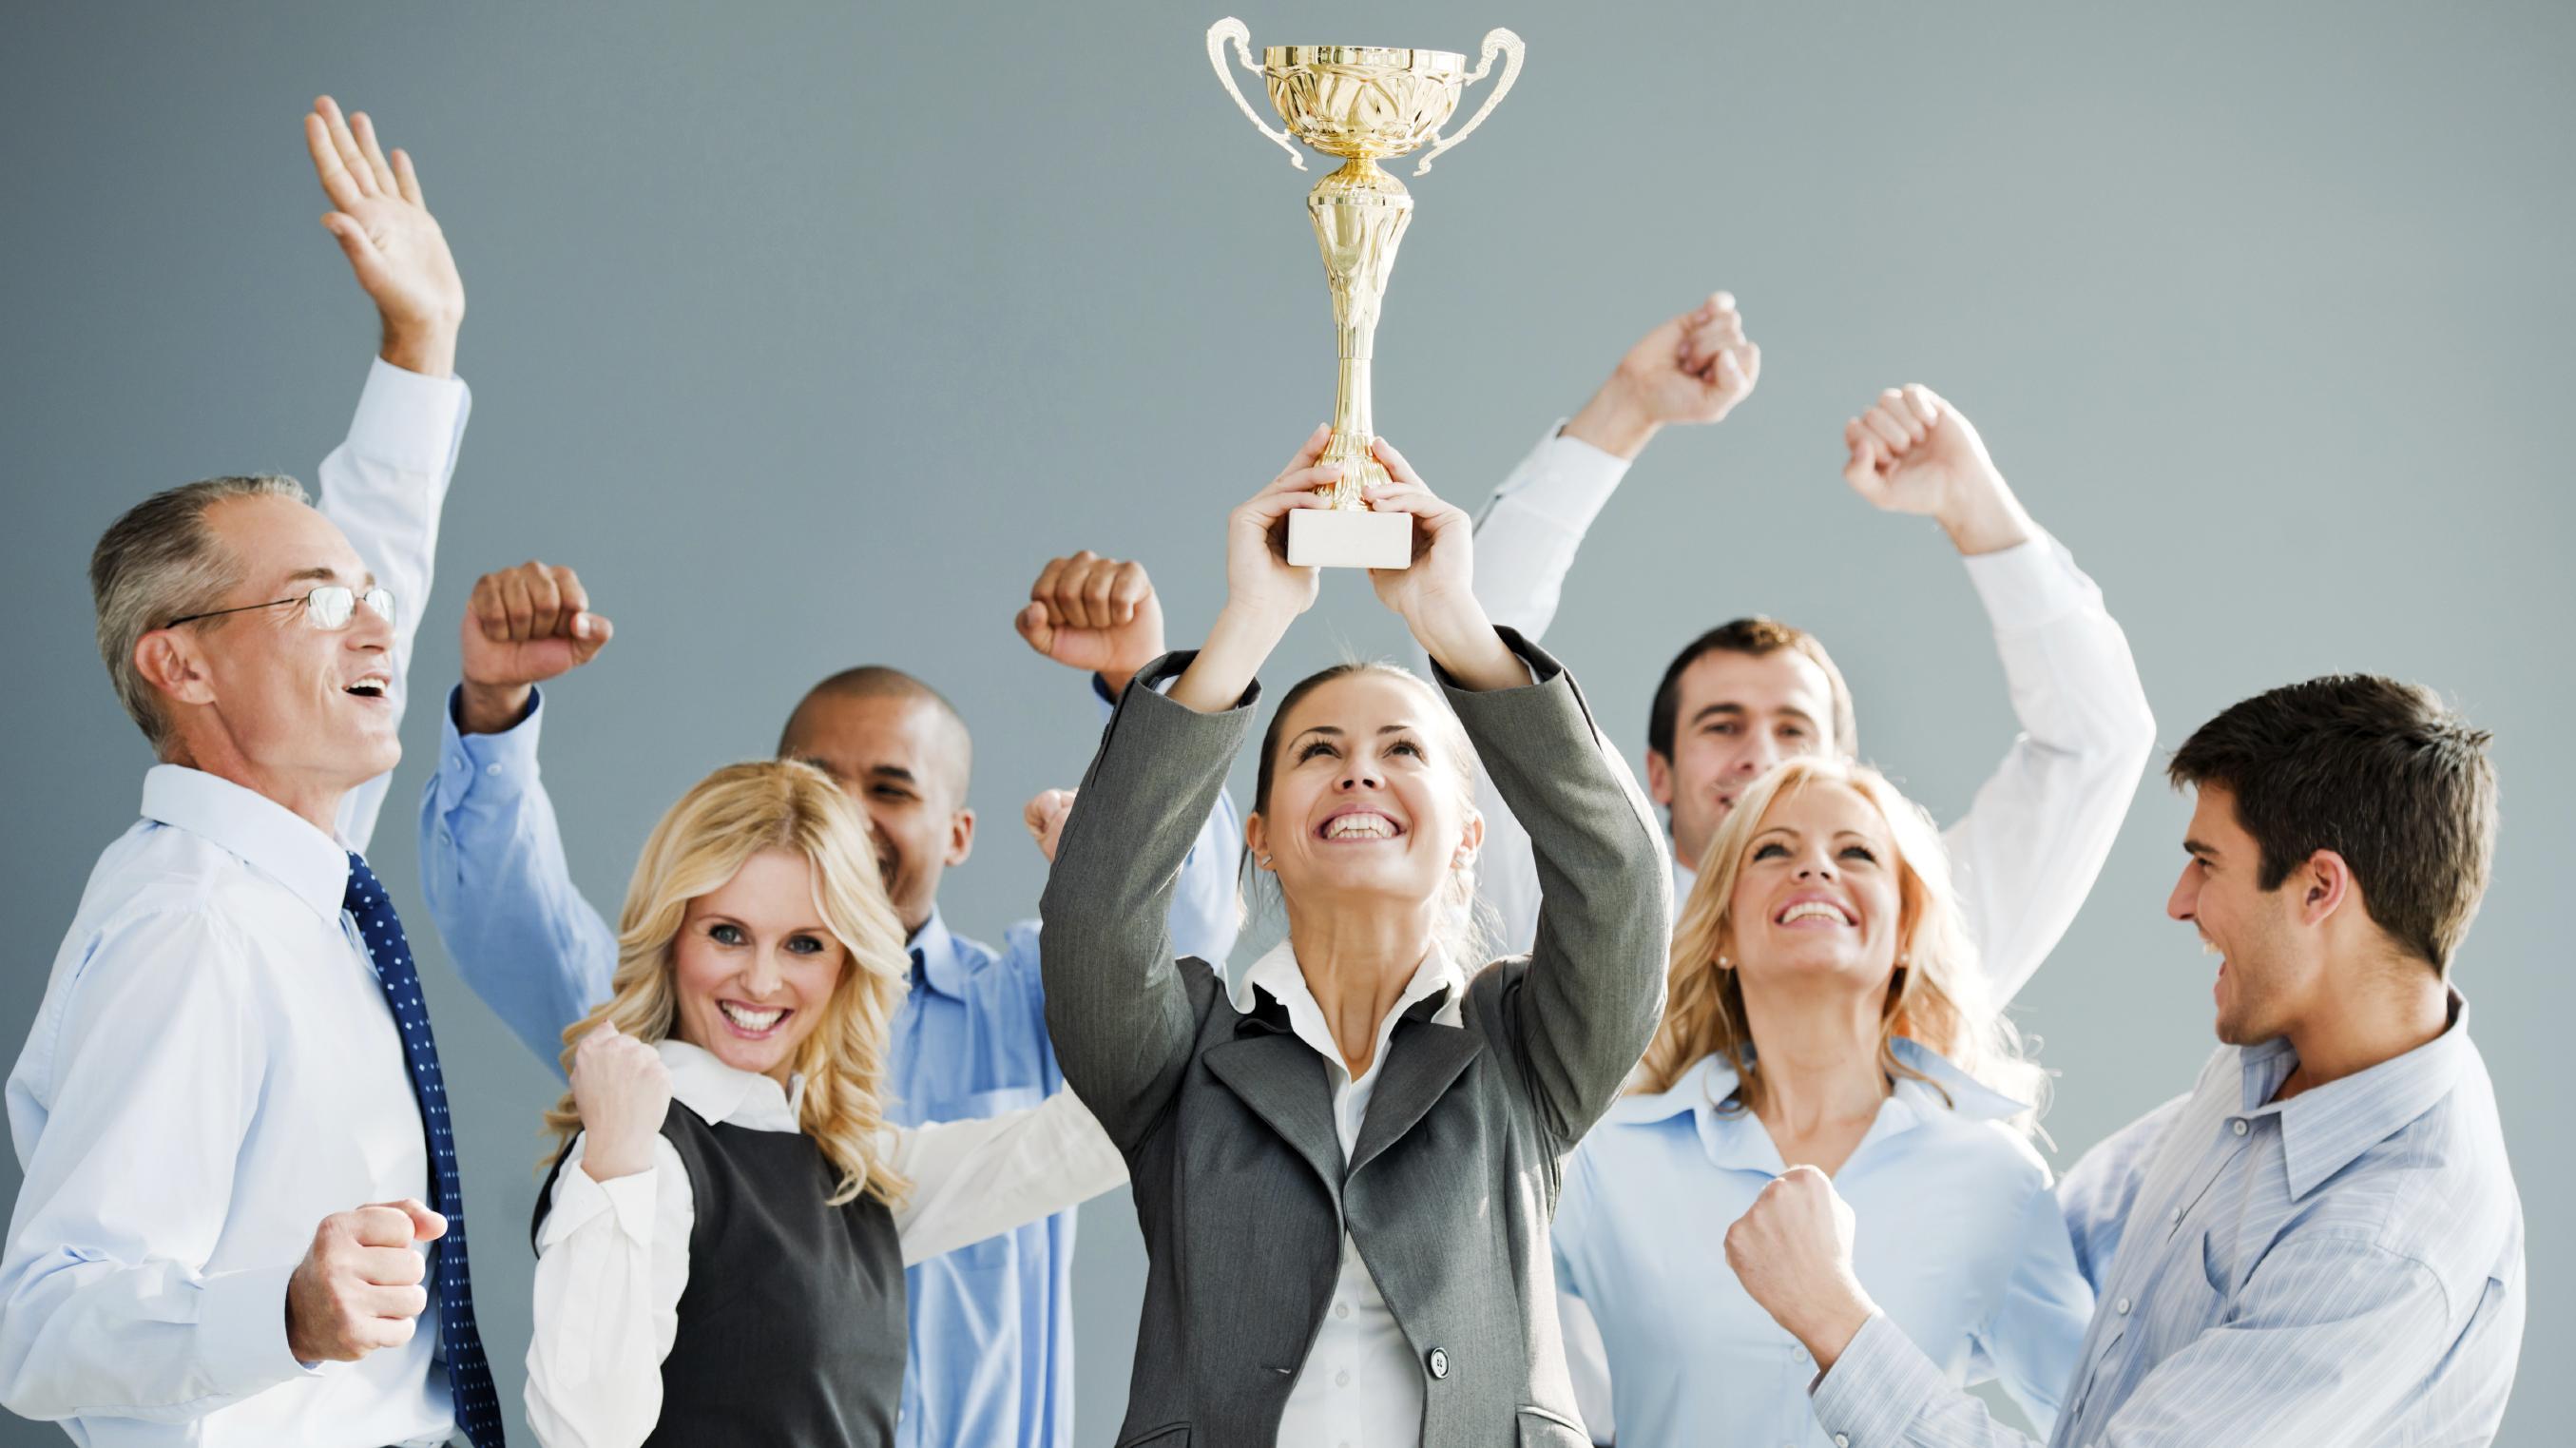 поздравление для лидера бизнеса